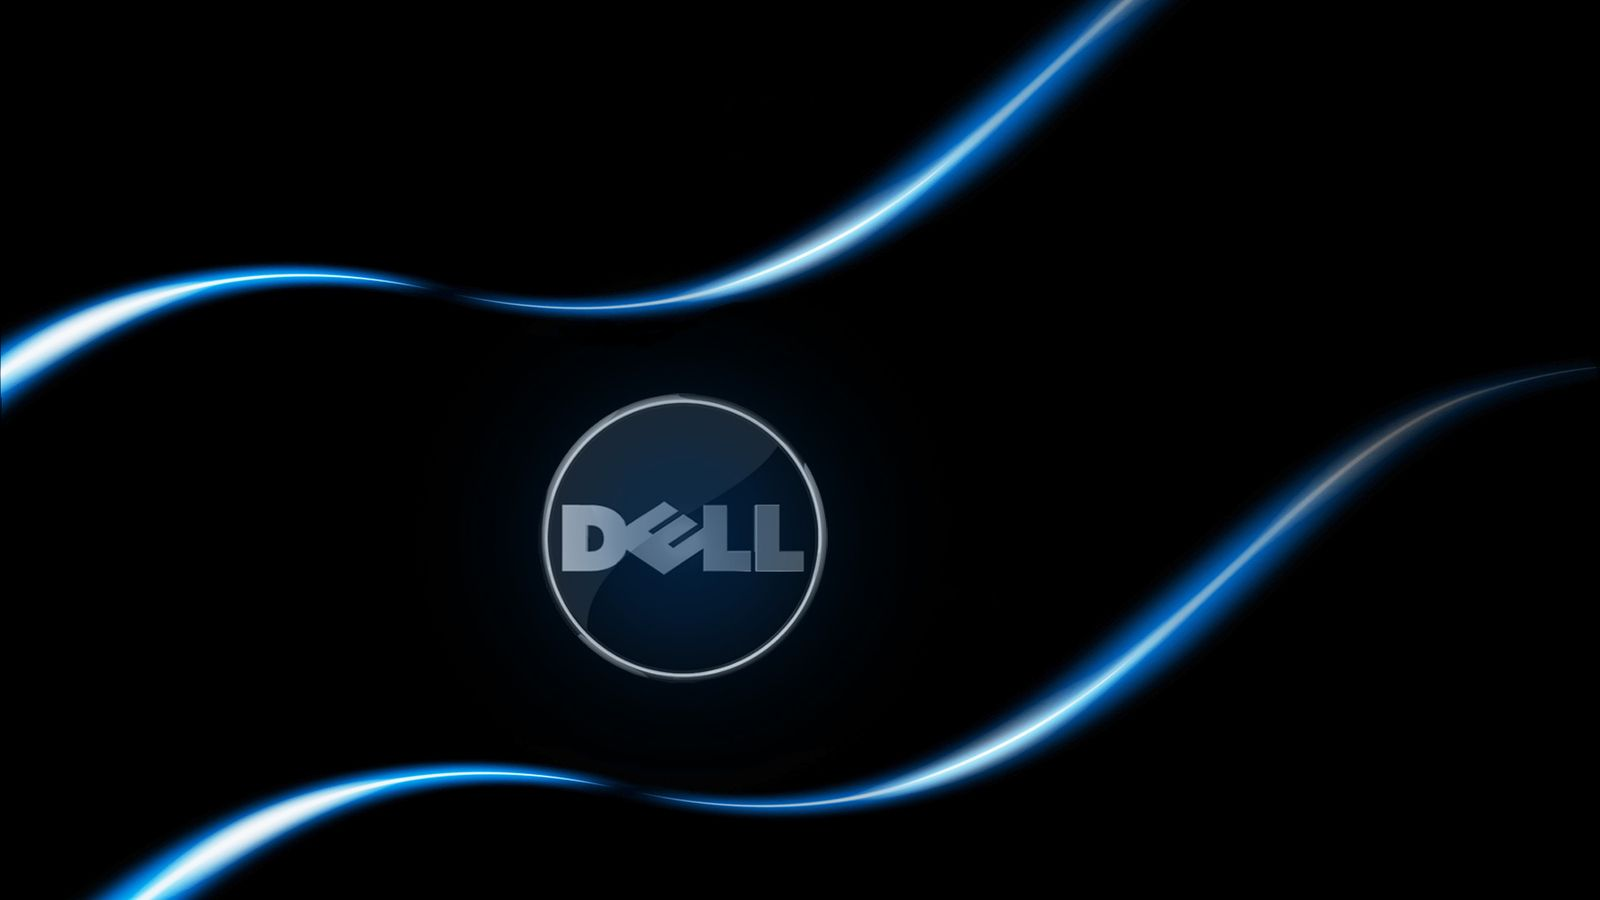 Desktop Backgrounds For Dell Vinod Dell desktop Diamond 1600x900